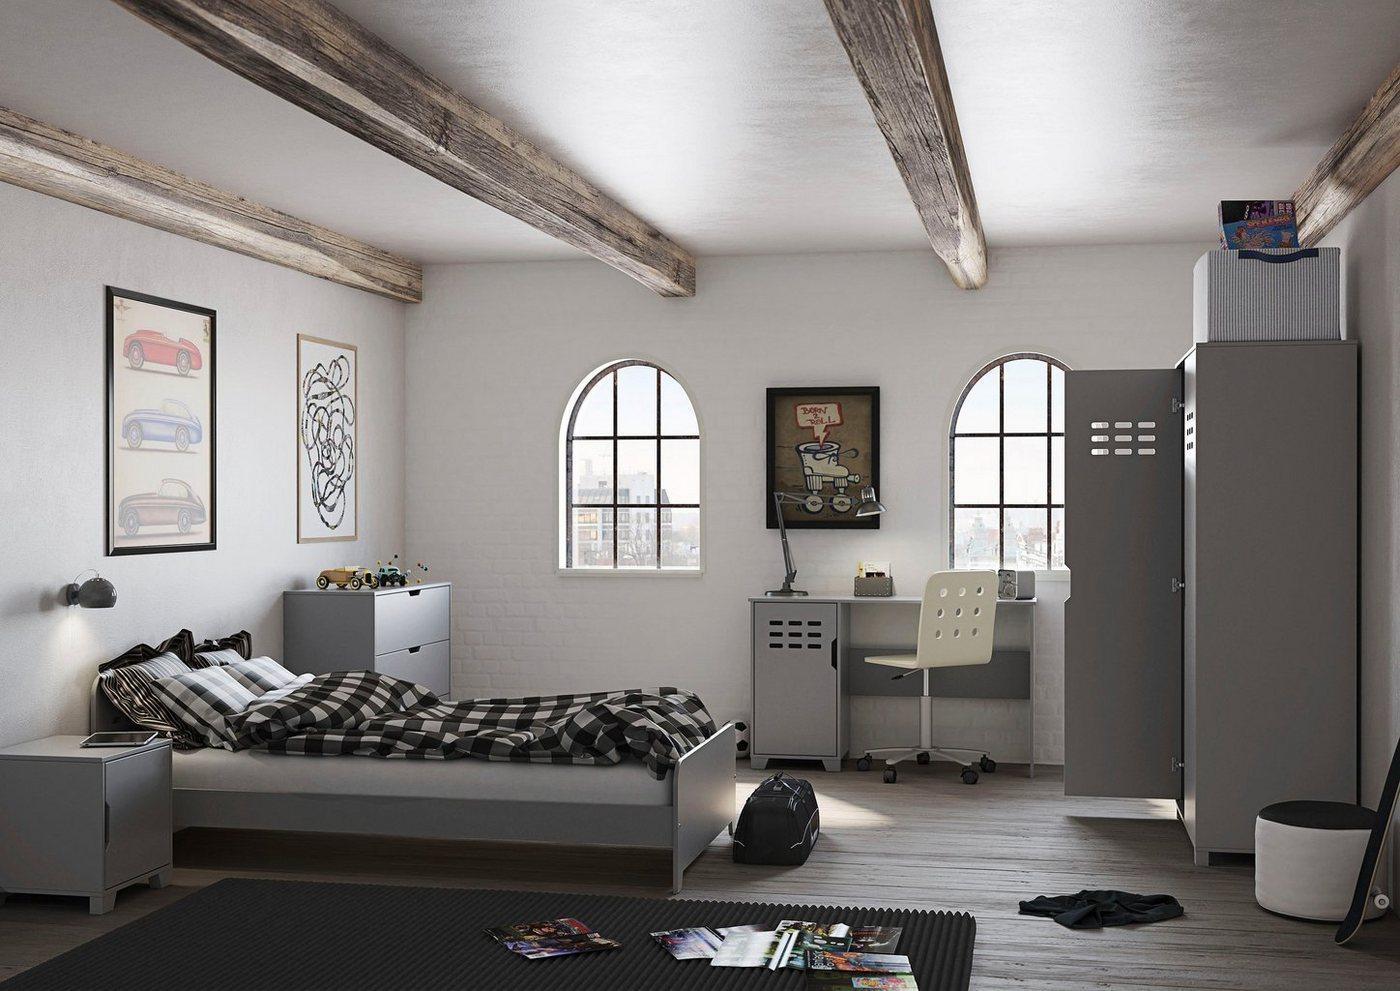 STEENS Drehtürenschrank »Loke« Kleiderschrank für das Jugendzimmer, grau